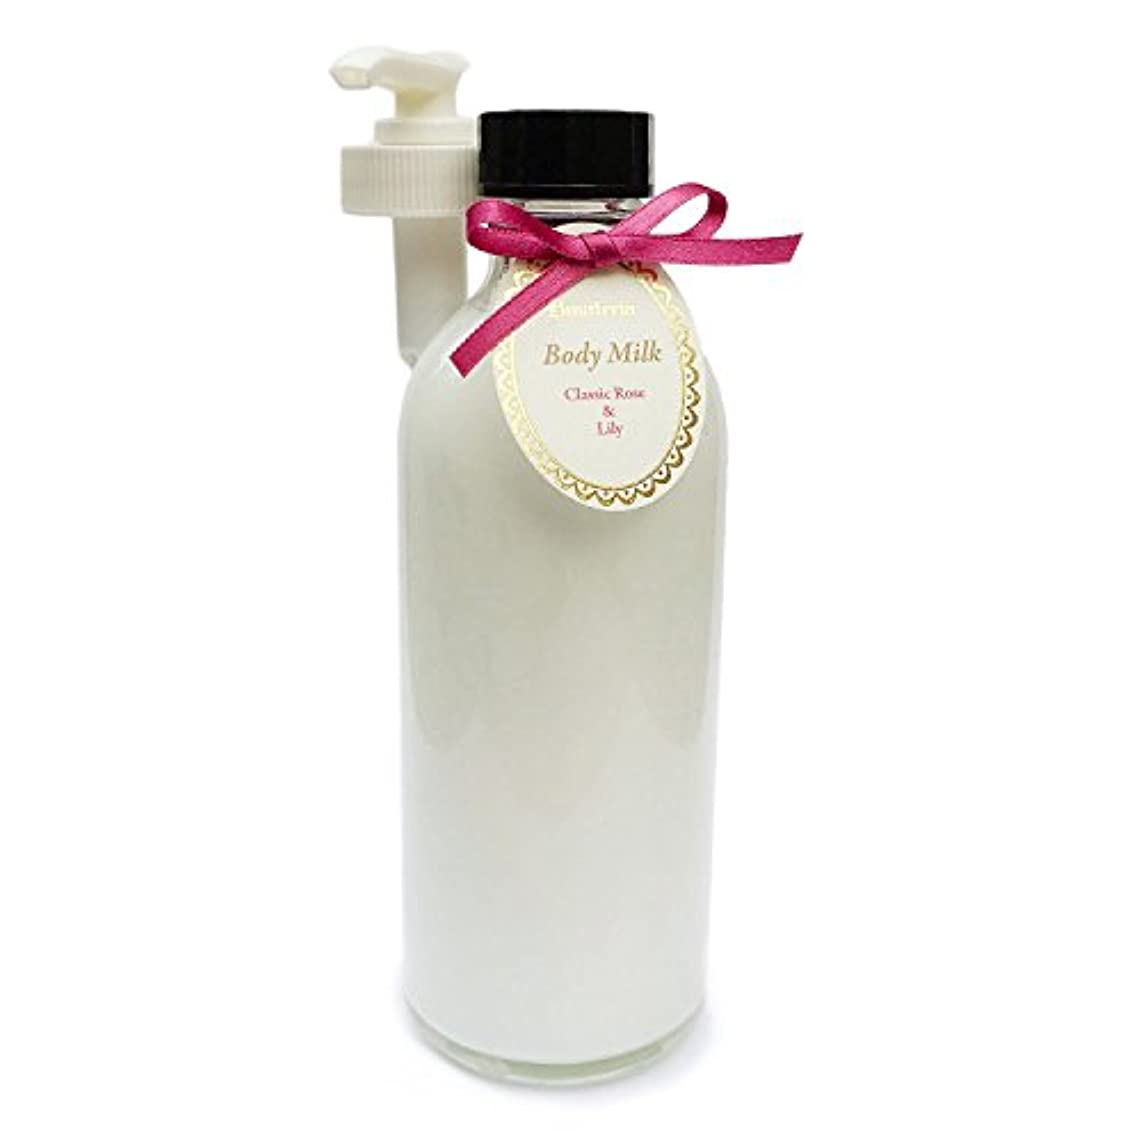 写真提案引き渡すD materia ボディミルク クラシックローズ&リリー Classic Rose&Lily Body Milk ディーマテリア